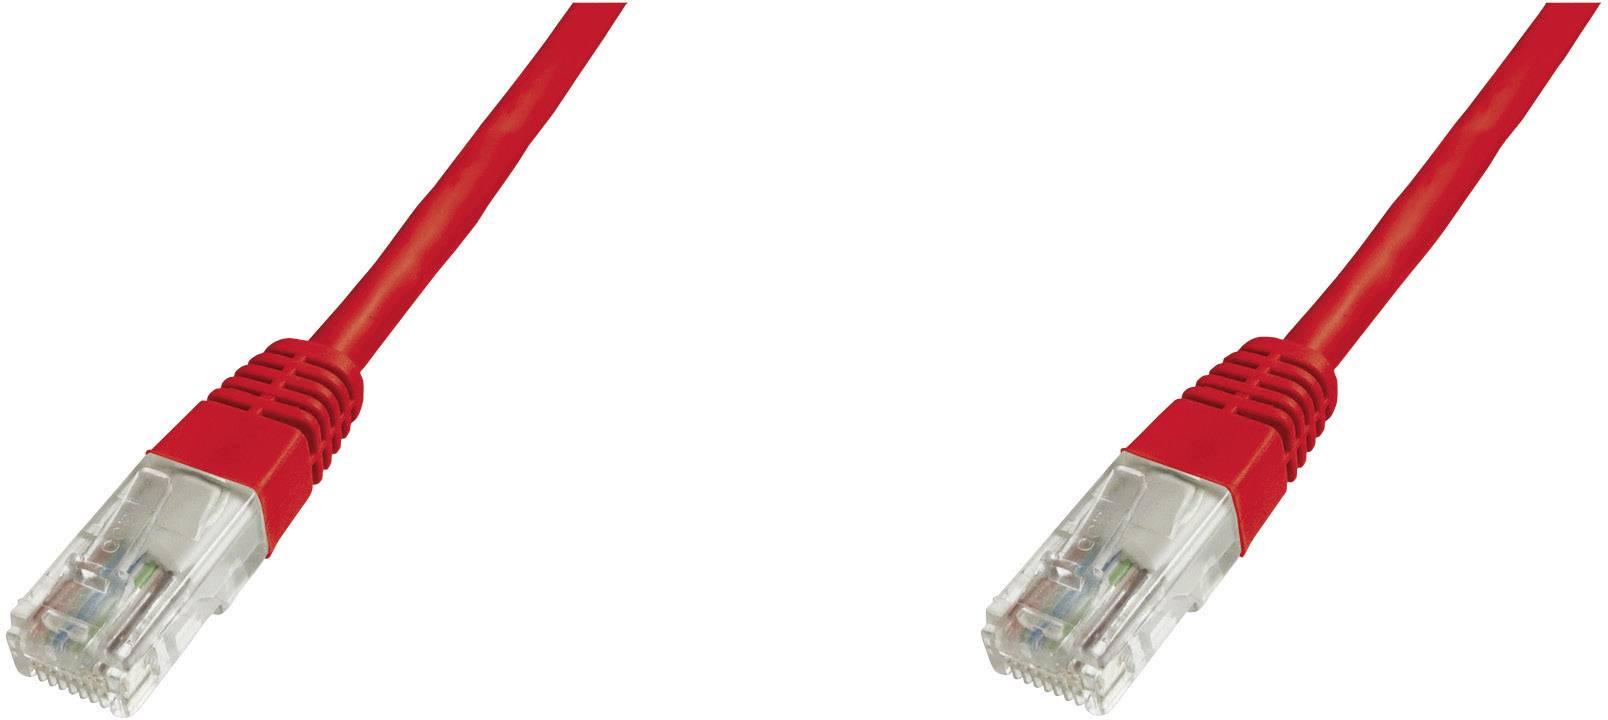 Sieťový prepojovací kábel RJ45 Digitus Professional DK-1511-030/R, CAT 5e, U/UTP, 3 m, červená